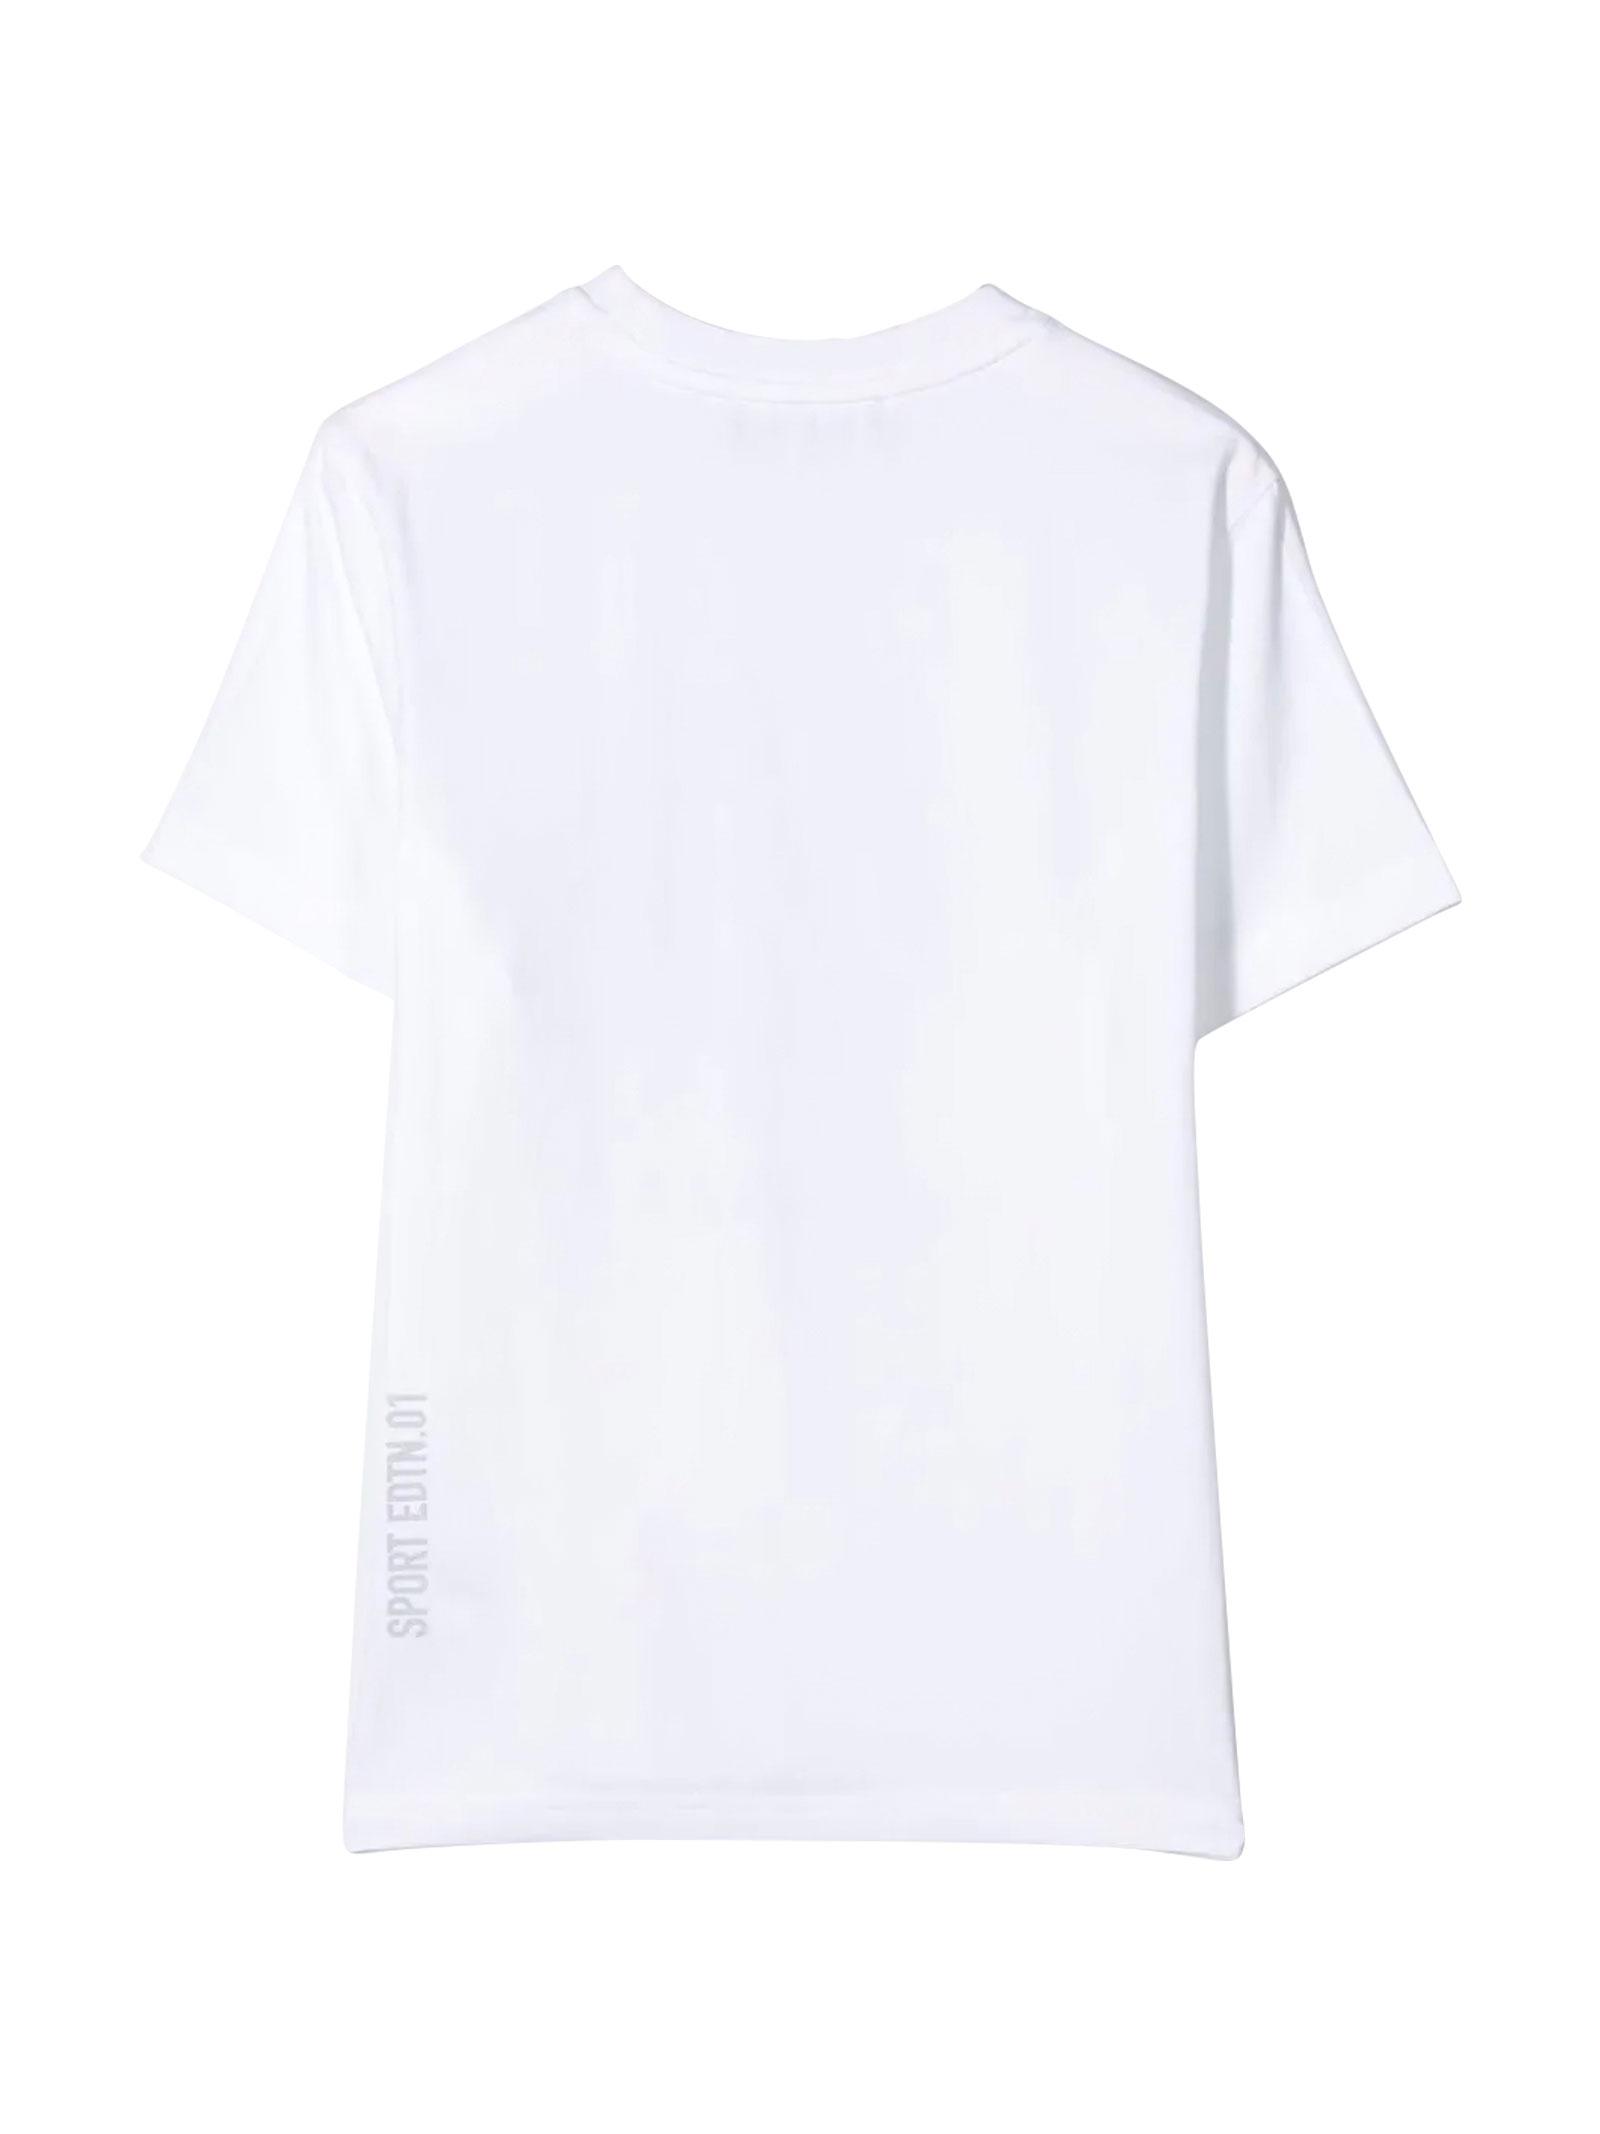 T-shirt teen bianca con stampa blu Dsquared2 kids DSQUARED2 KIDS   8   DQ03WDD00X4DQ10LT